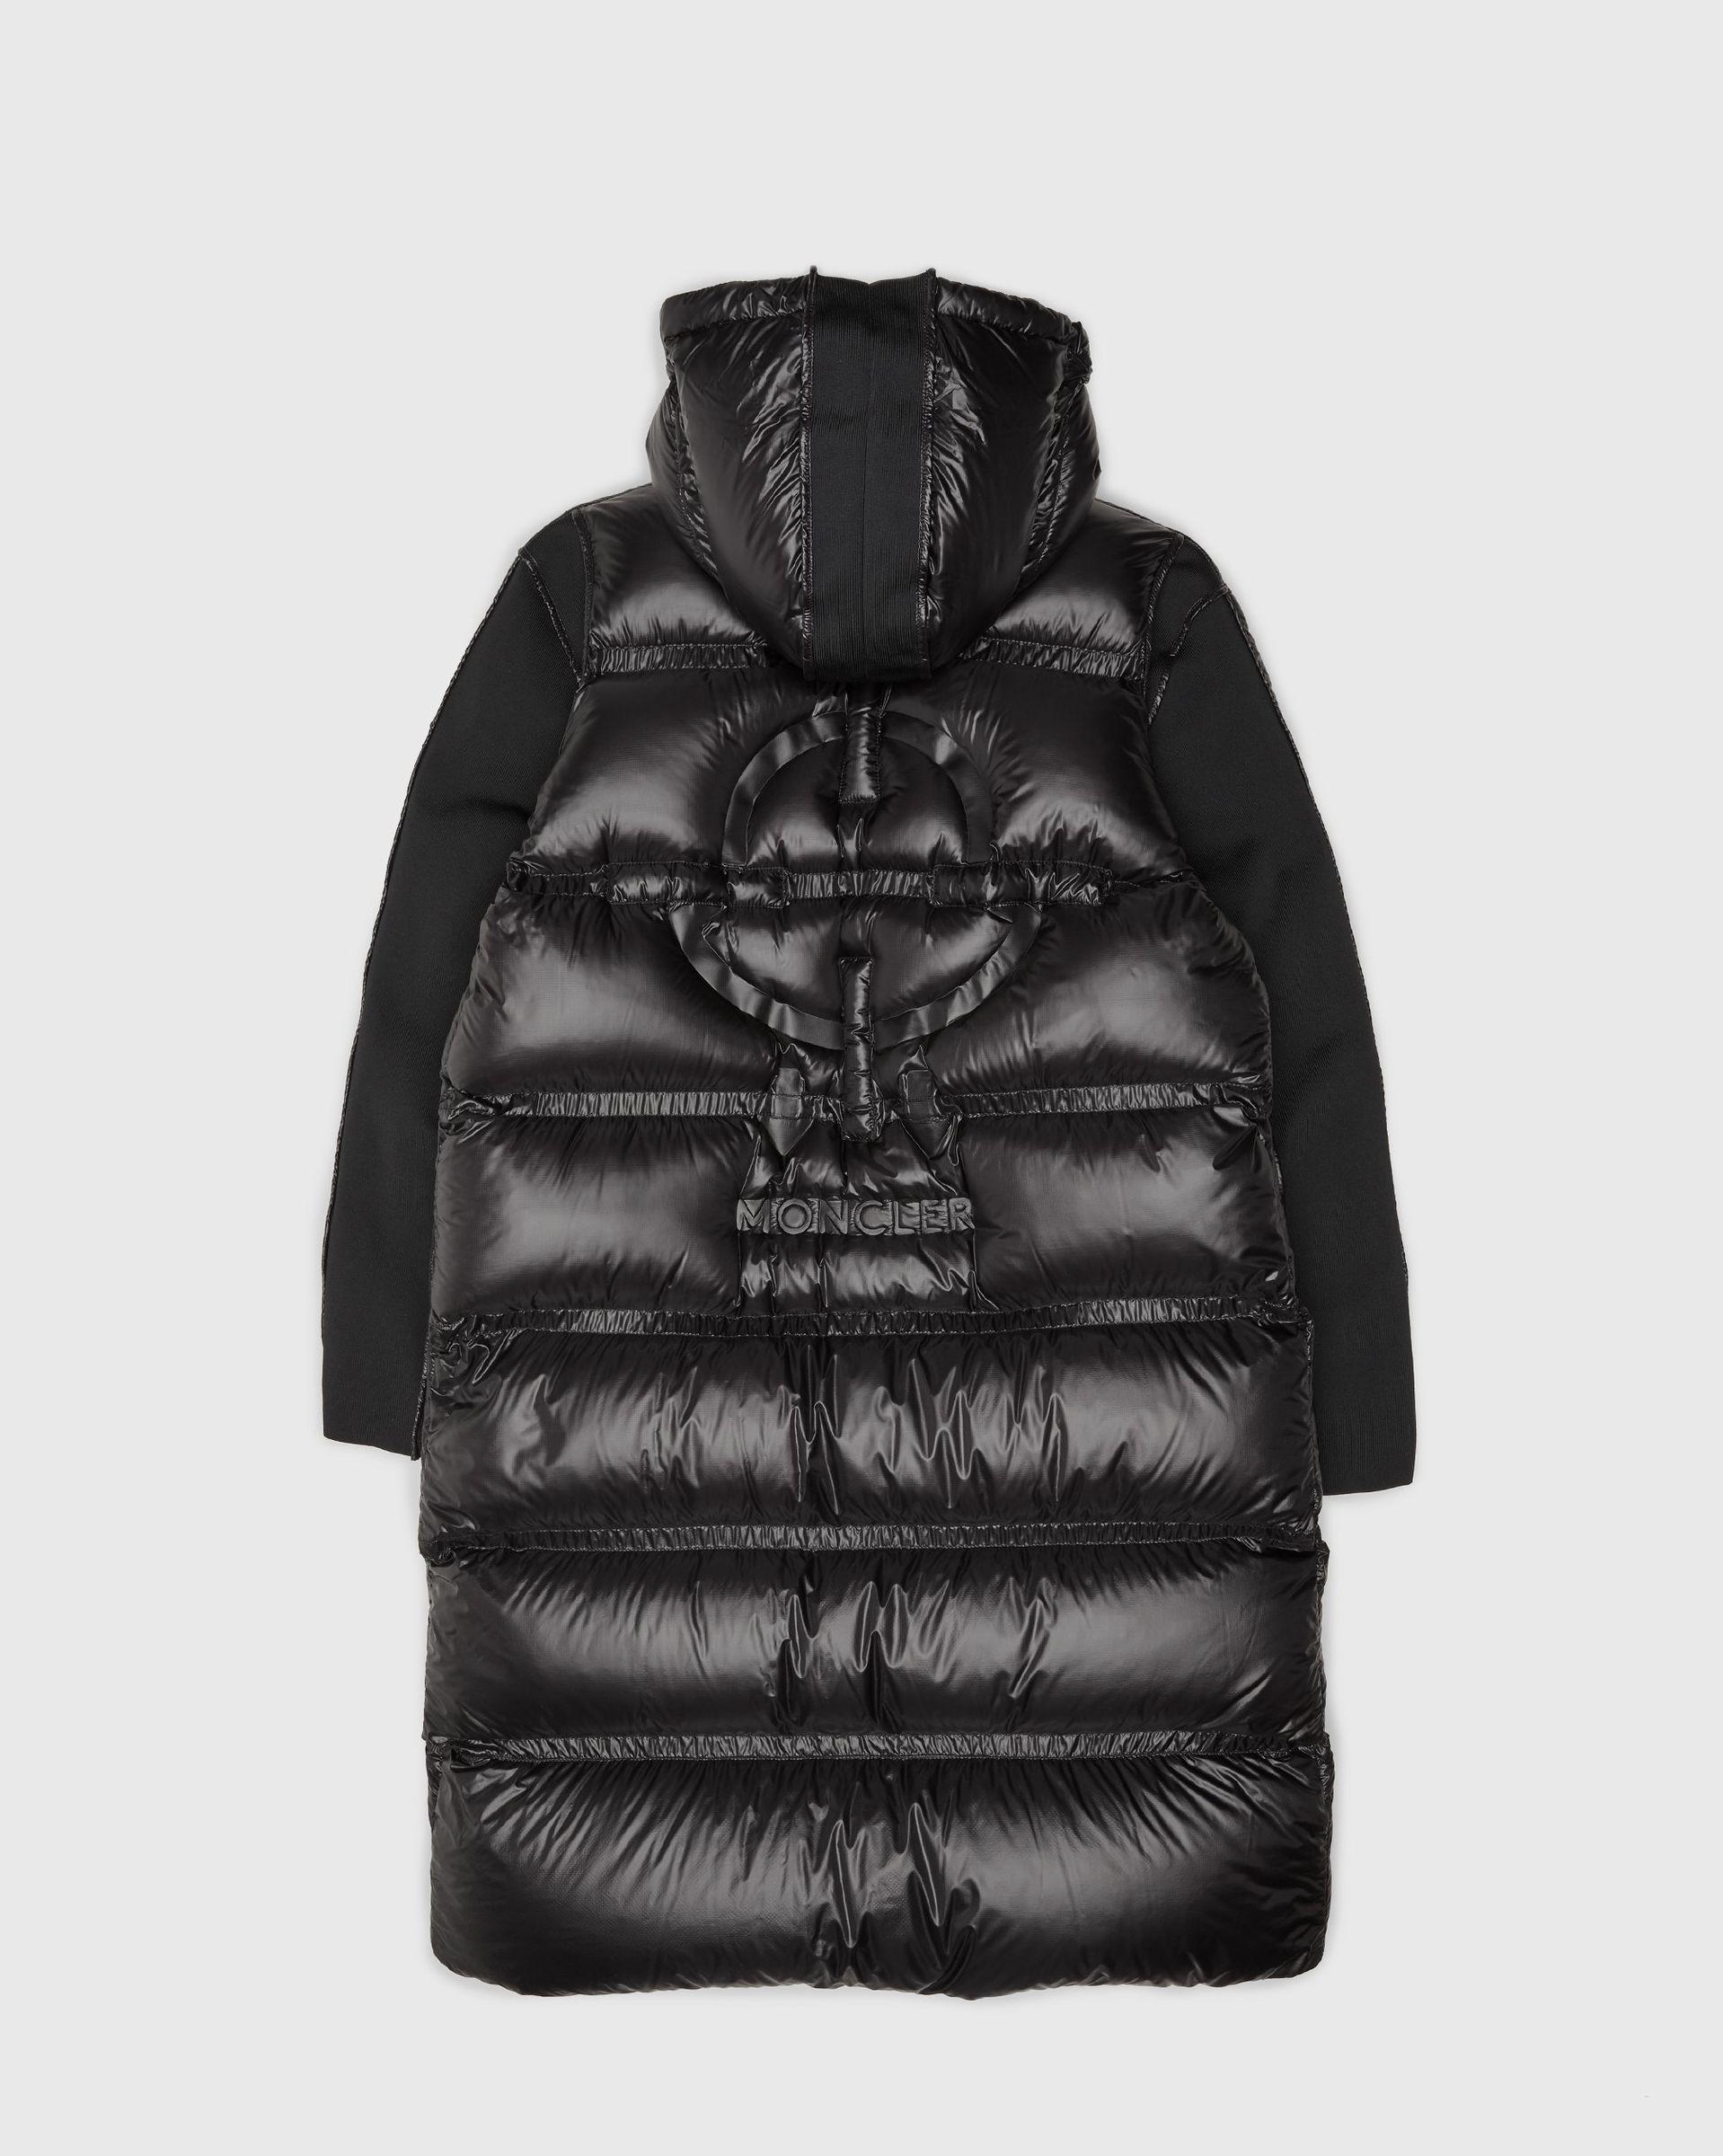 5 Moncler Craig Green - Sullivor Long Coat Black - Image 2